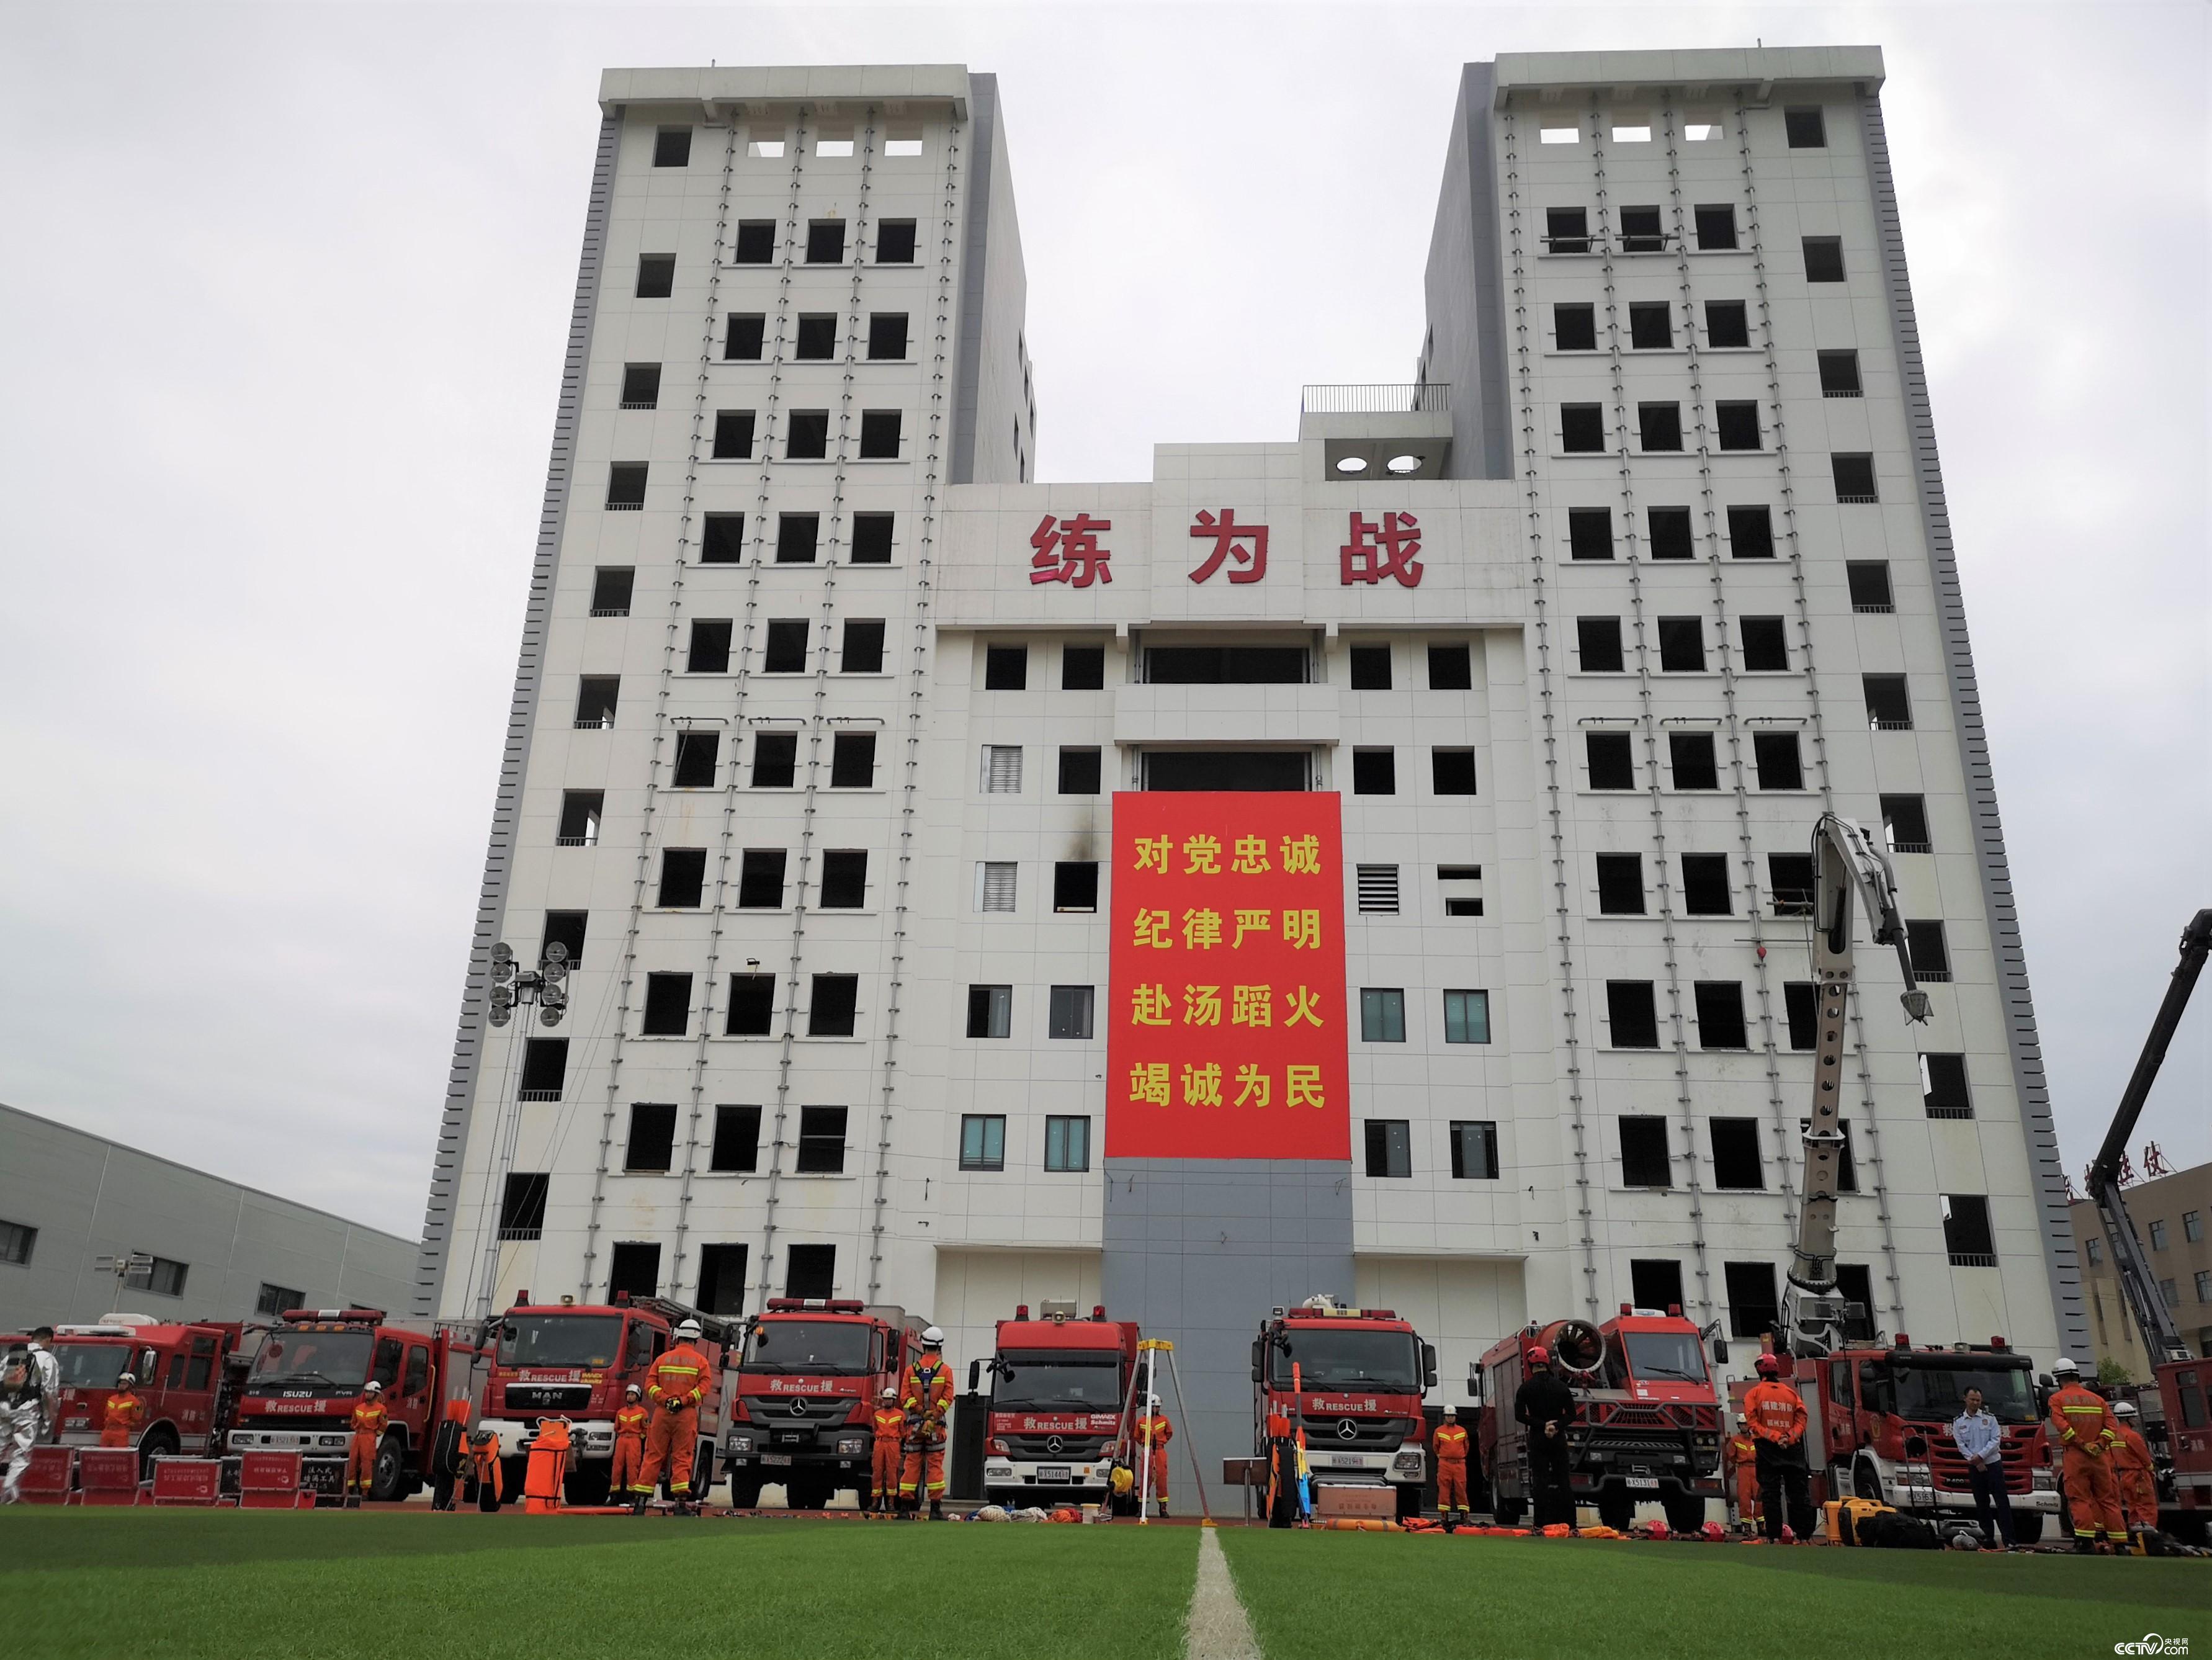 福州市消防救援支队特勤大队训练场。(何川 摄)